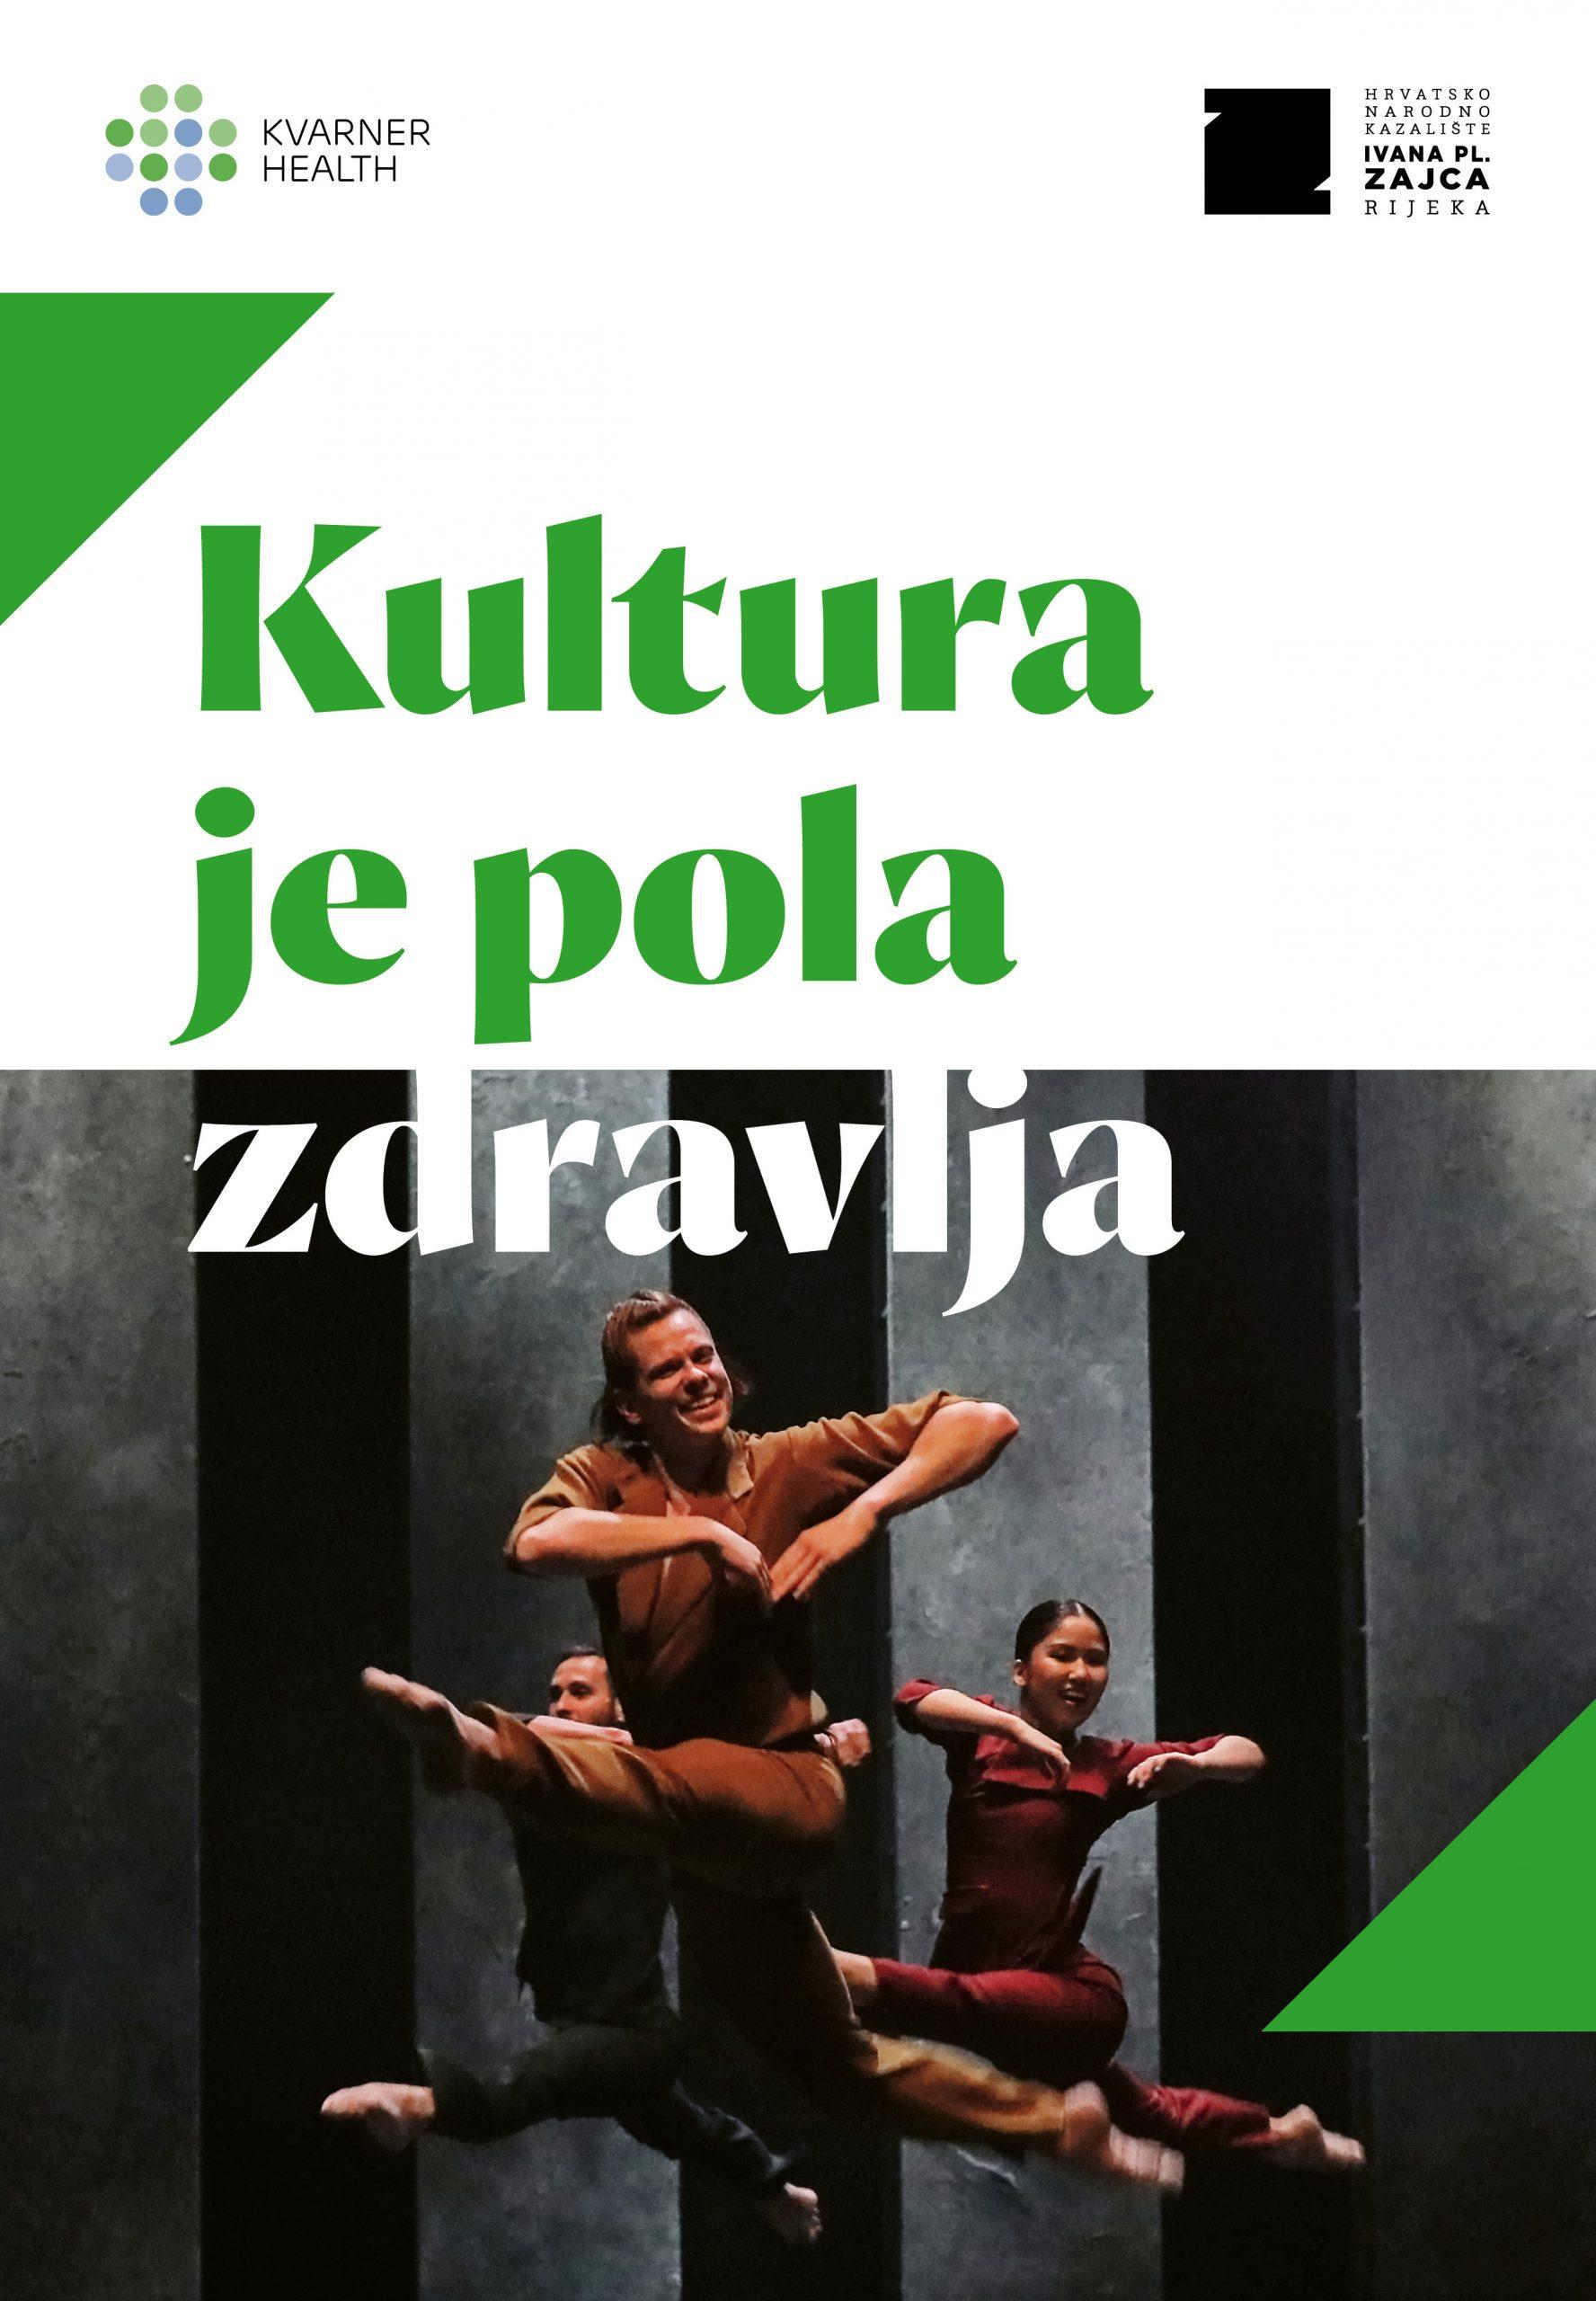 HNK Ivana pl. Zajca i Klaster zdravstvenog turizma Kvarnera: Kultura je pola zdravlja